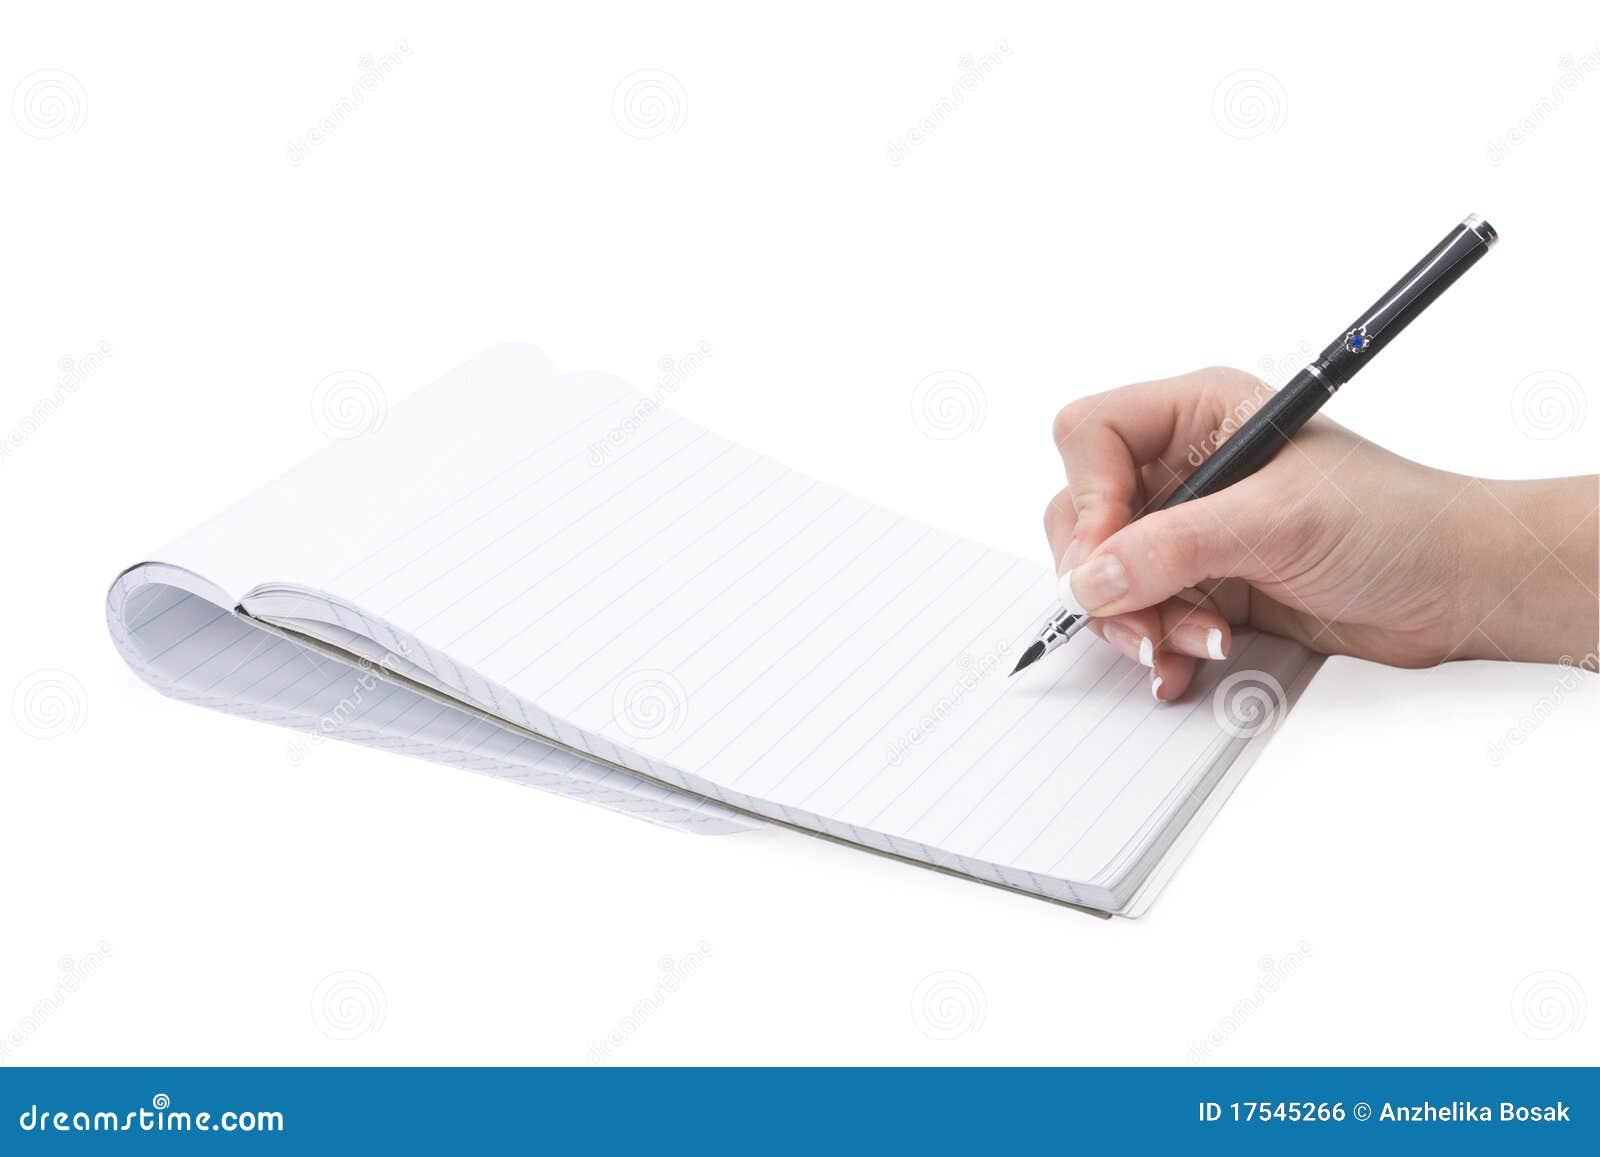 Za ending words for essays